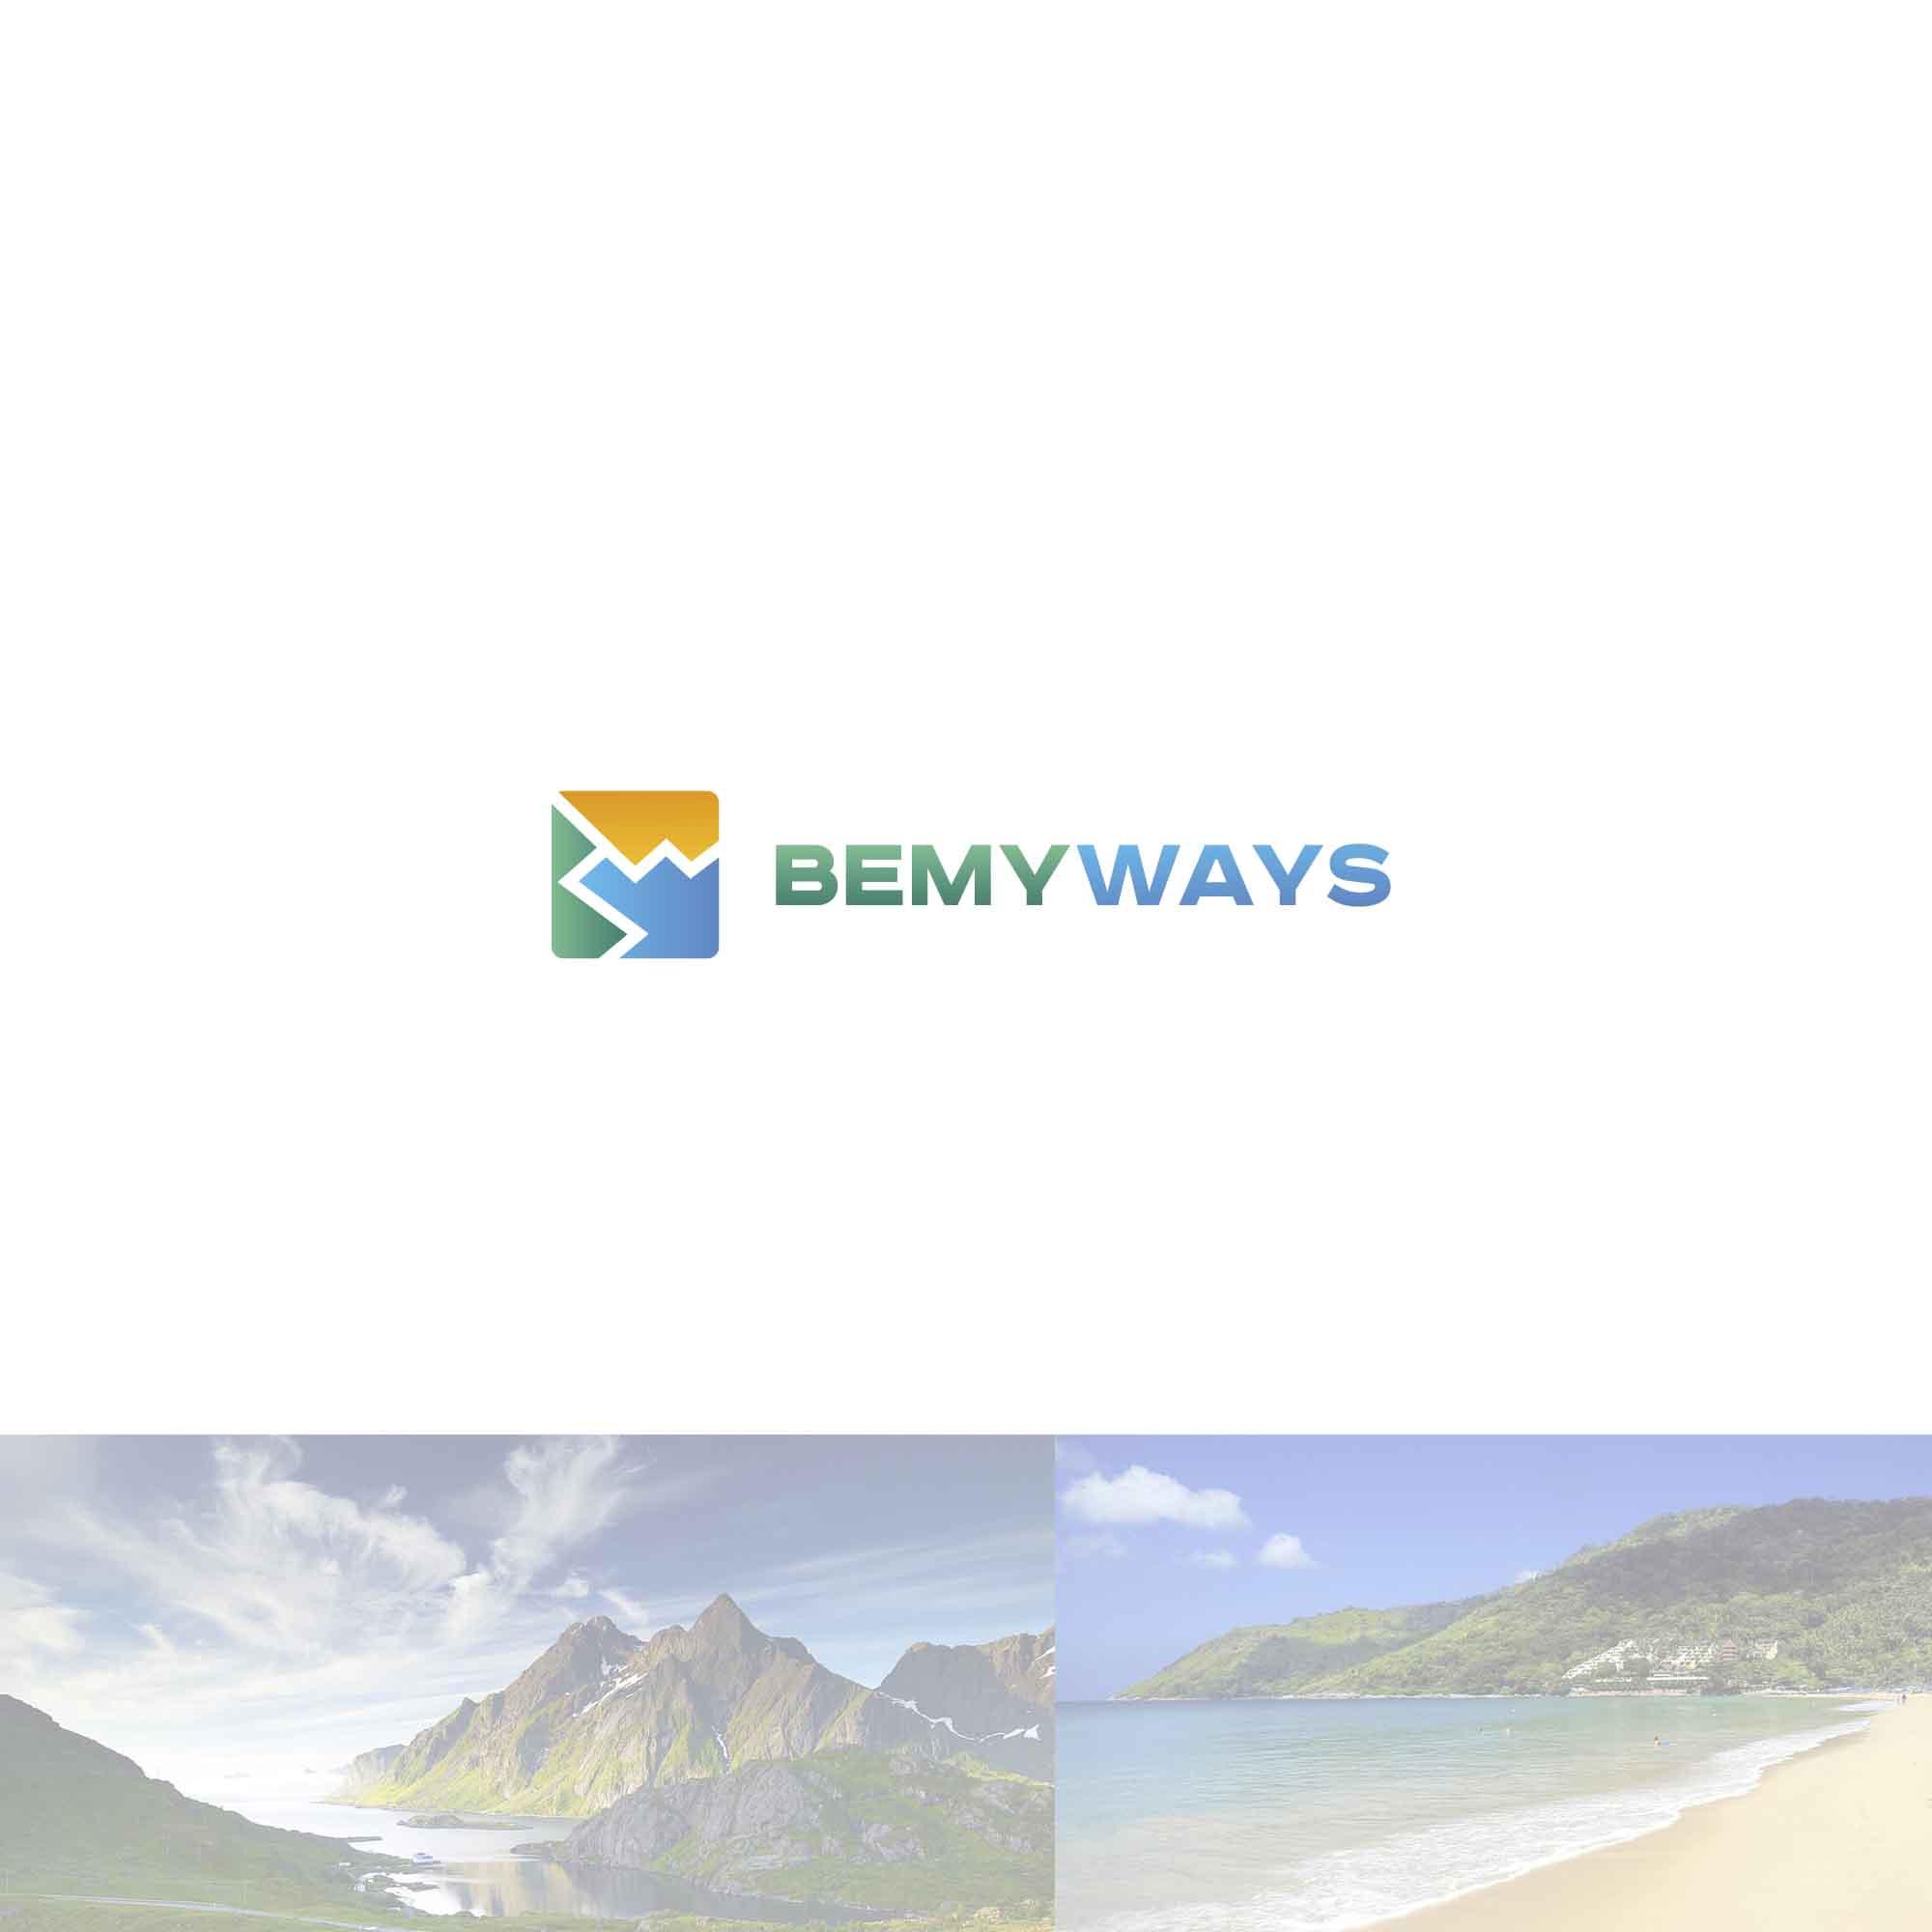 Разработка логотипа и иконки для Travel Video Platform фото f_8105c3643da8c753.jpg